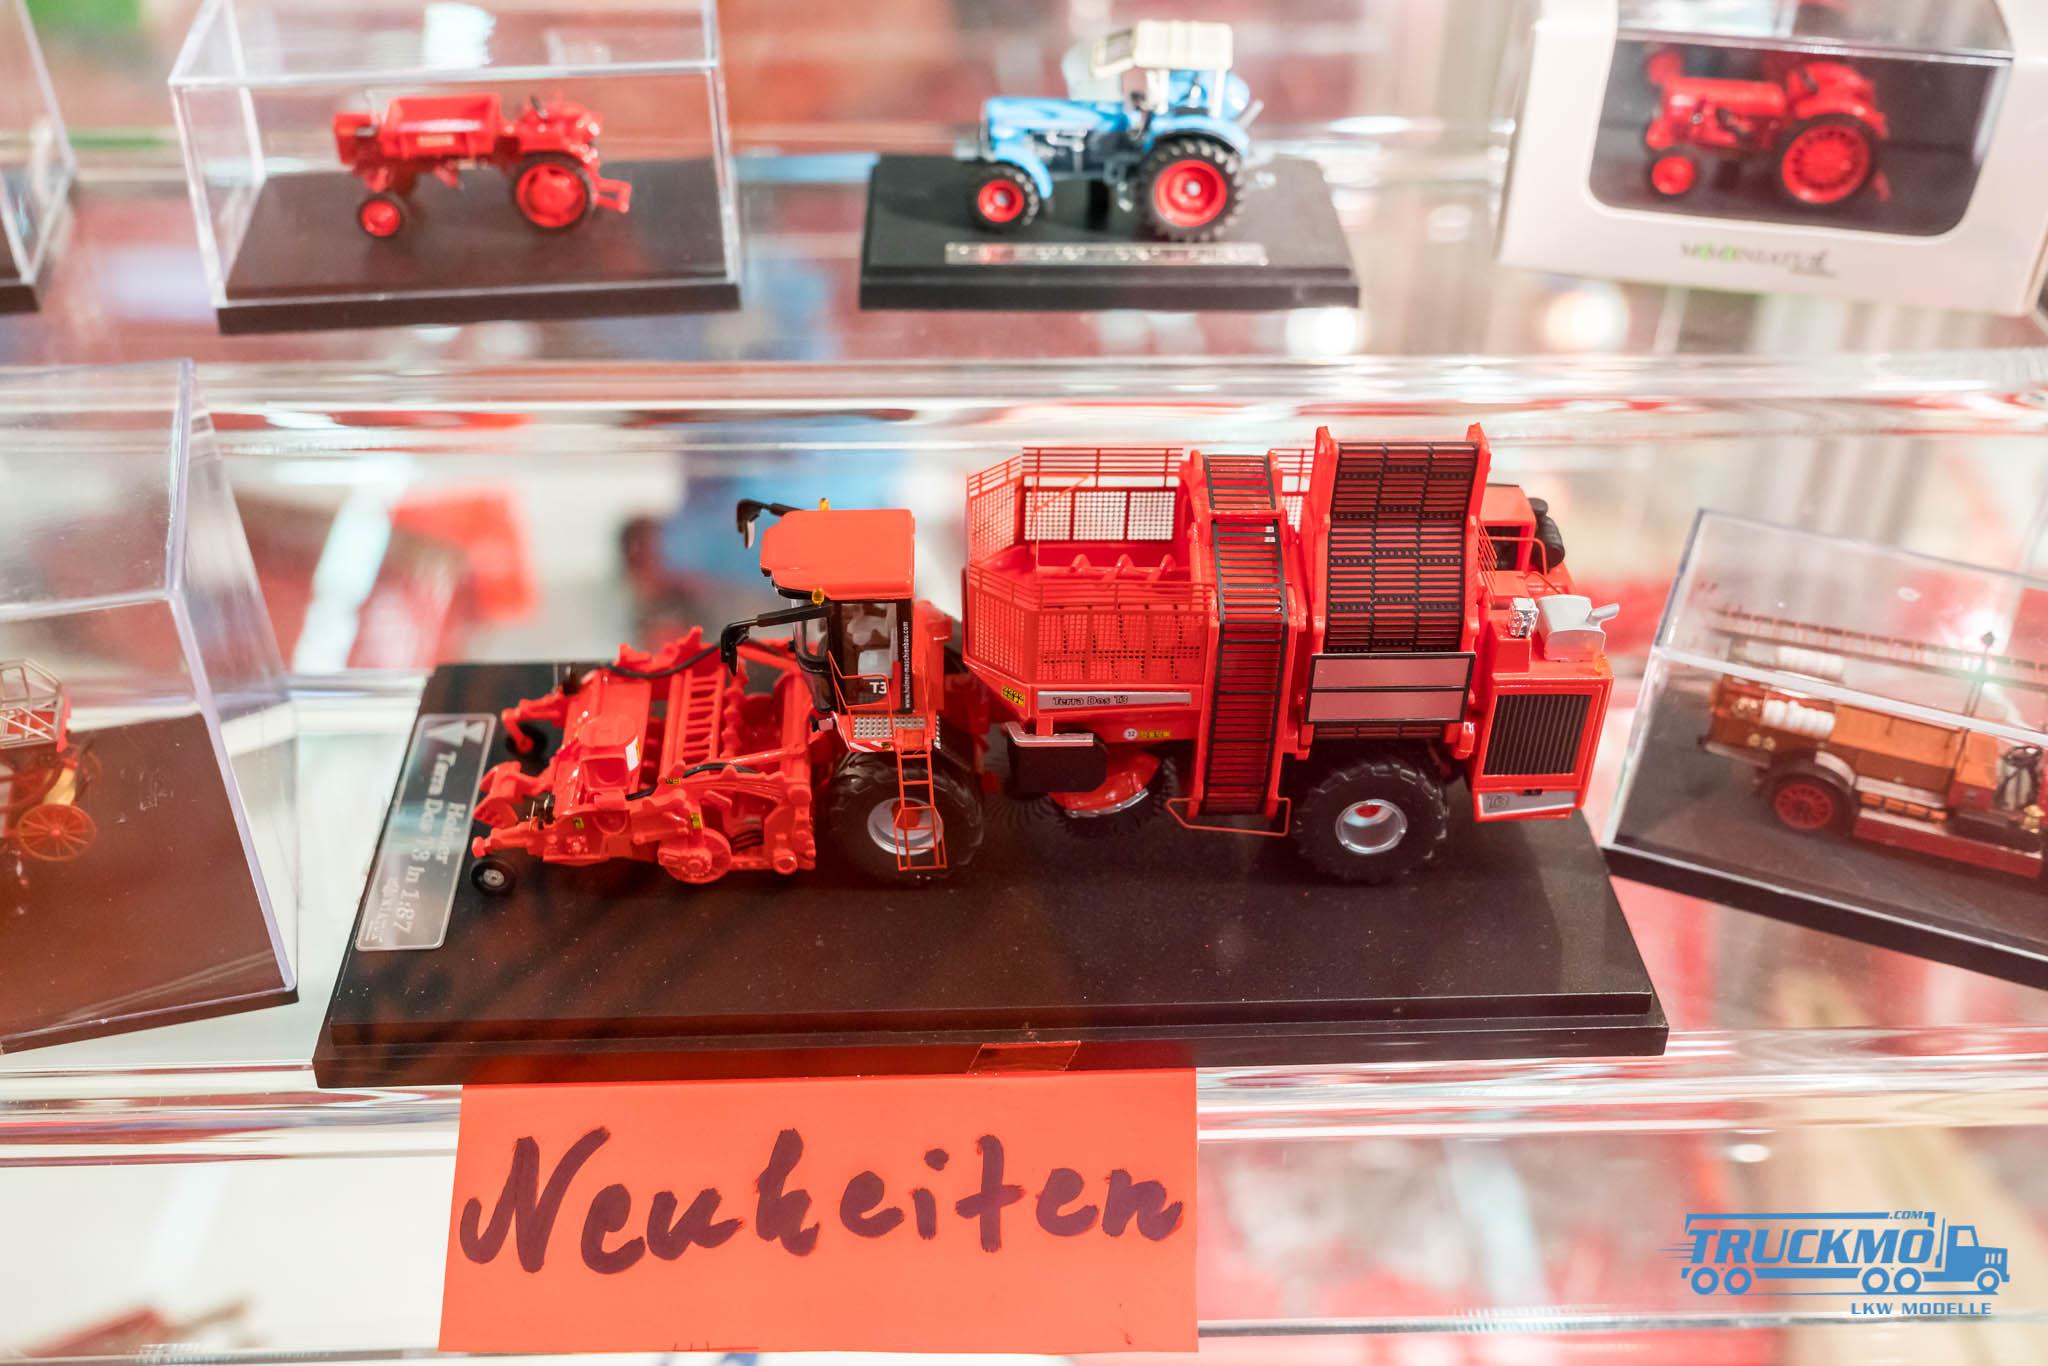 Truckmo_Modellbau_Ried_2017_Herpa_Messe_Modellbauausstellung (54 von 1177)